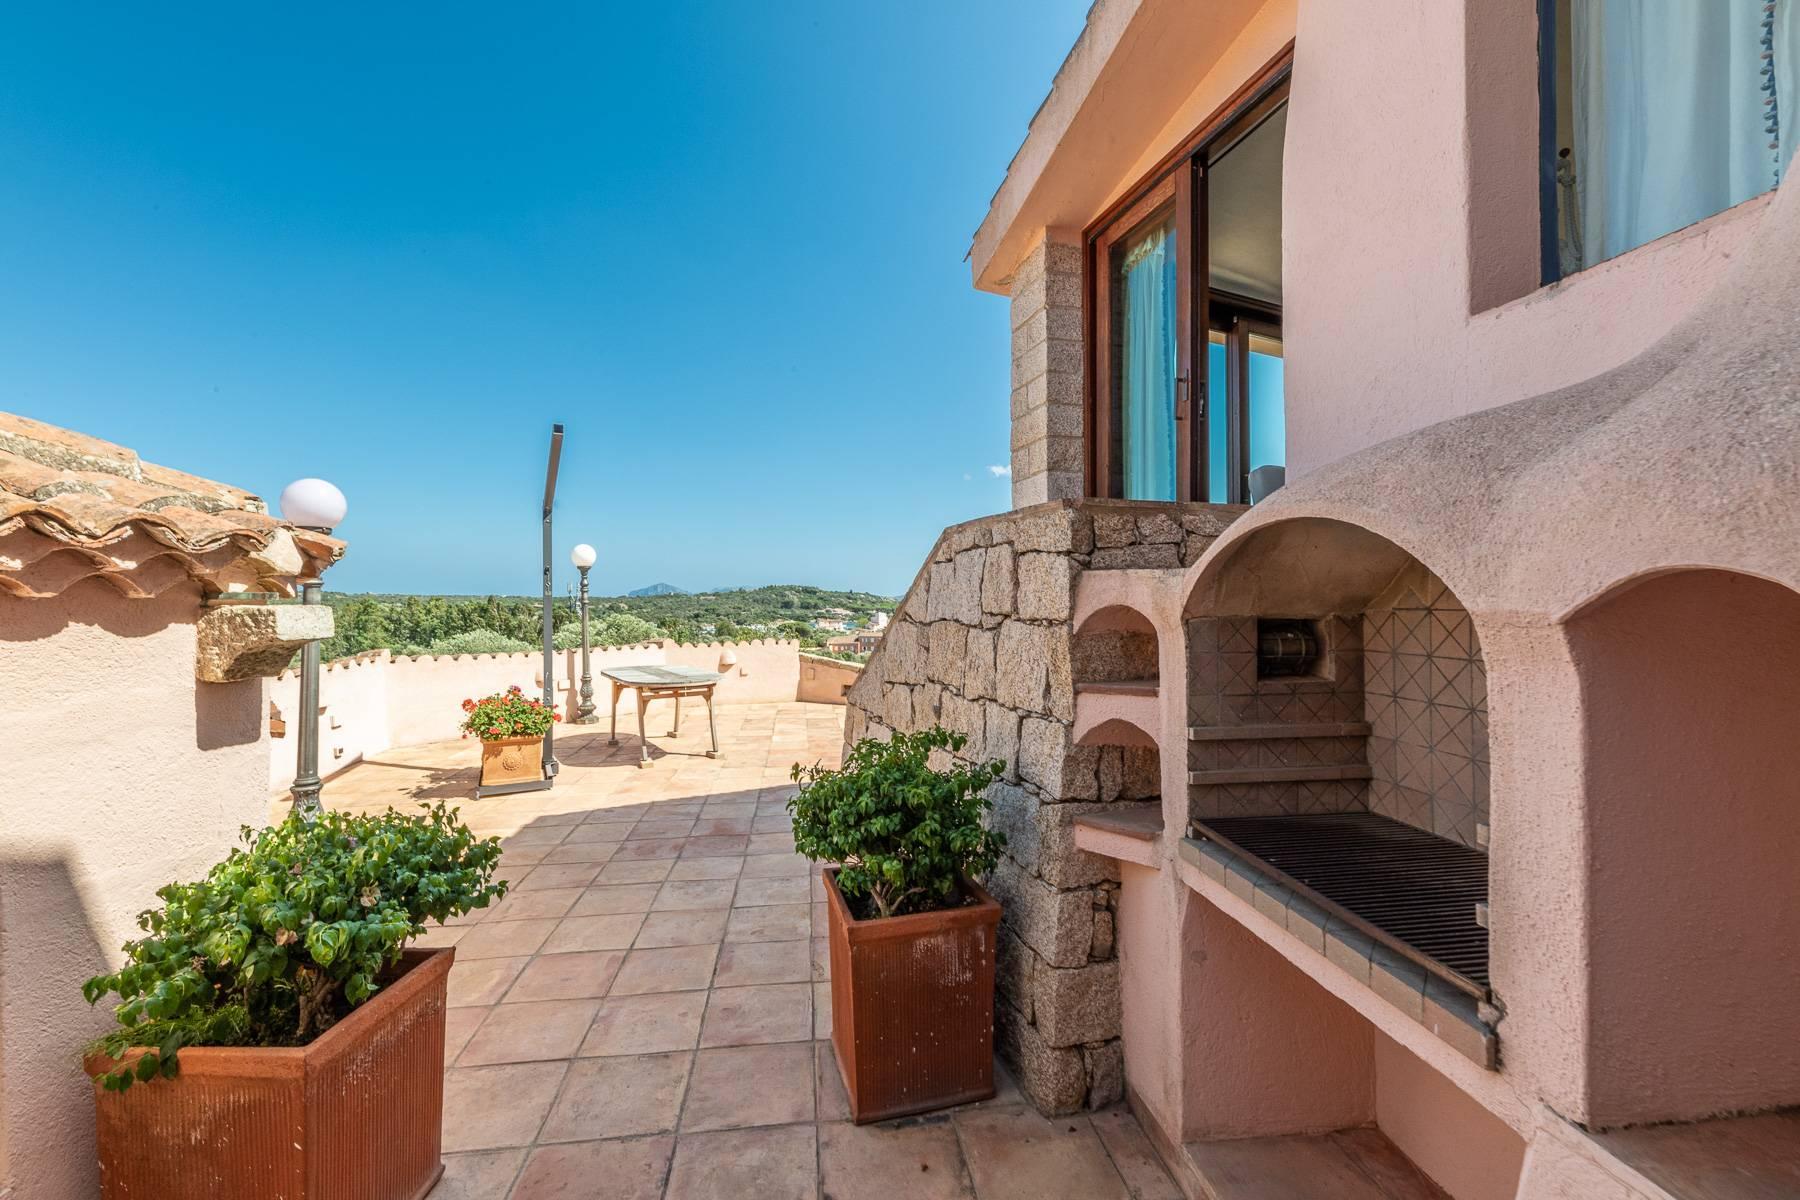 Bellissima villa indipendente con piscina a pochi passi dal Golf Club e Cala di Volpe - 36